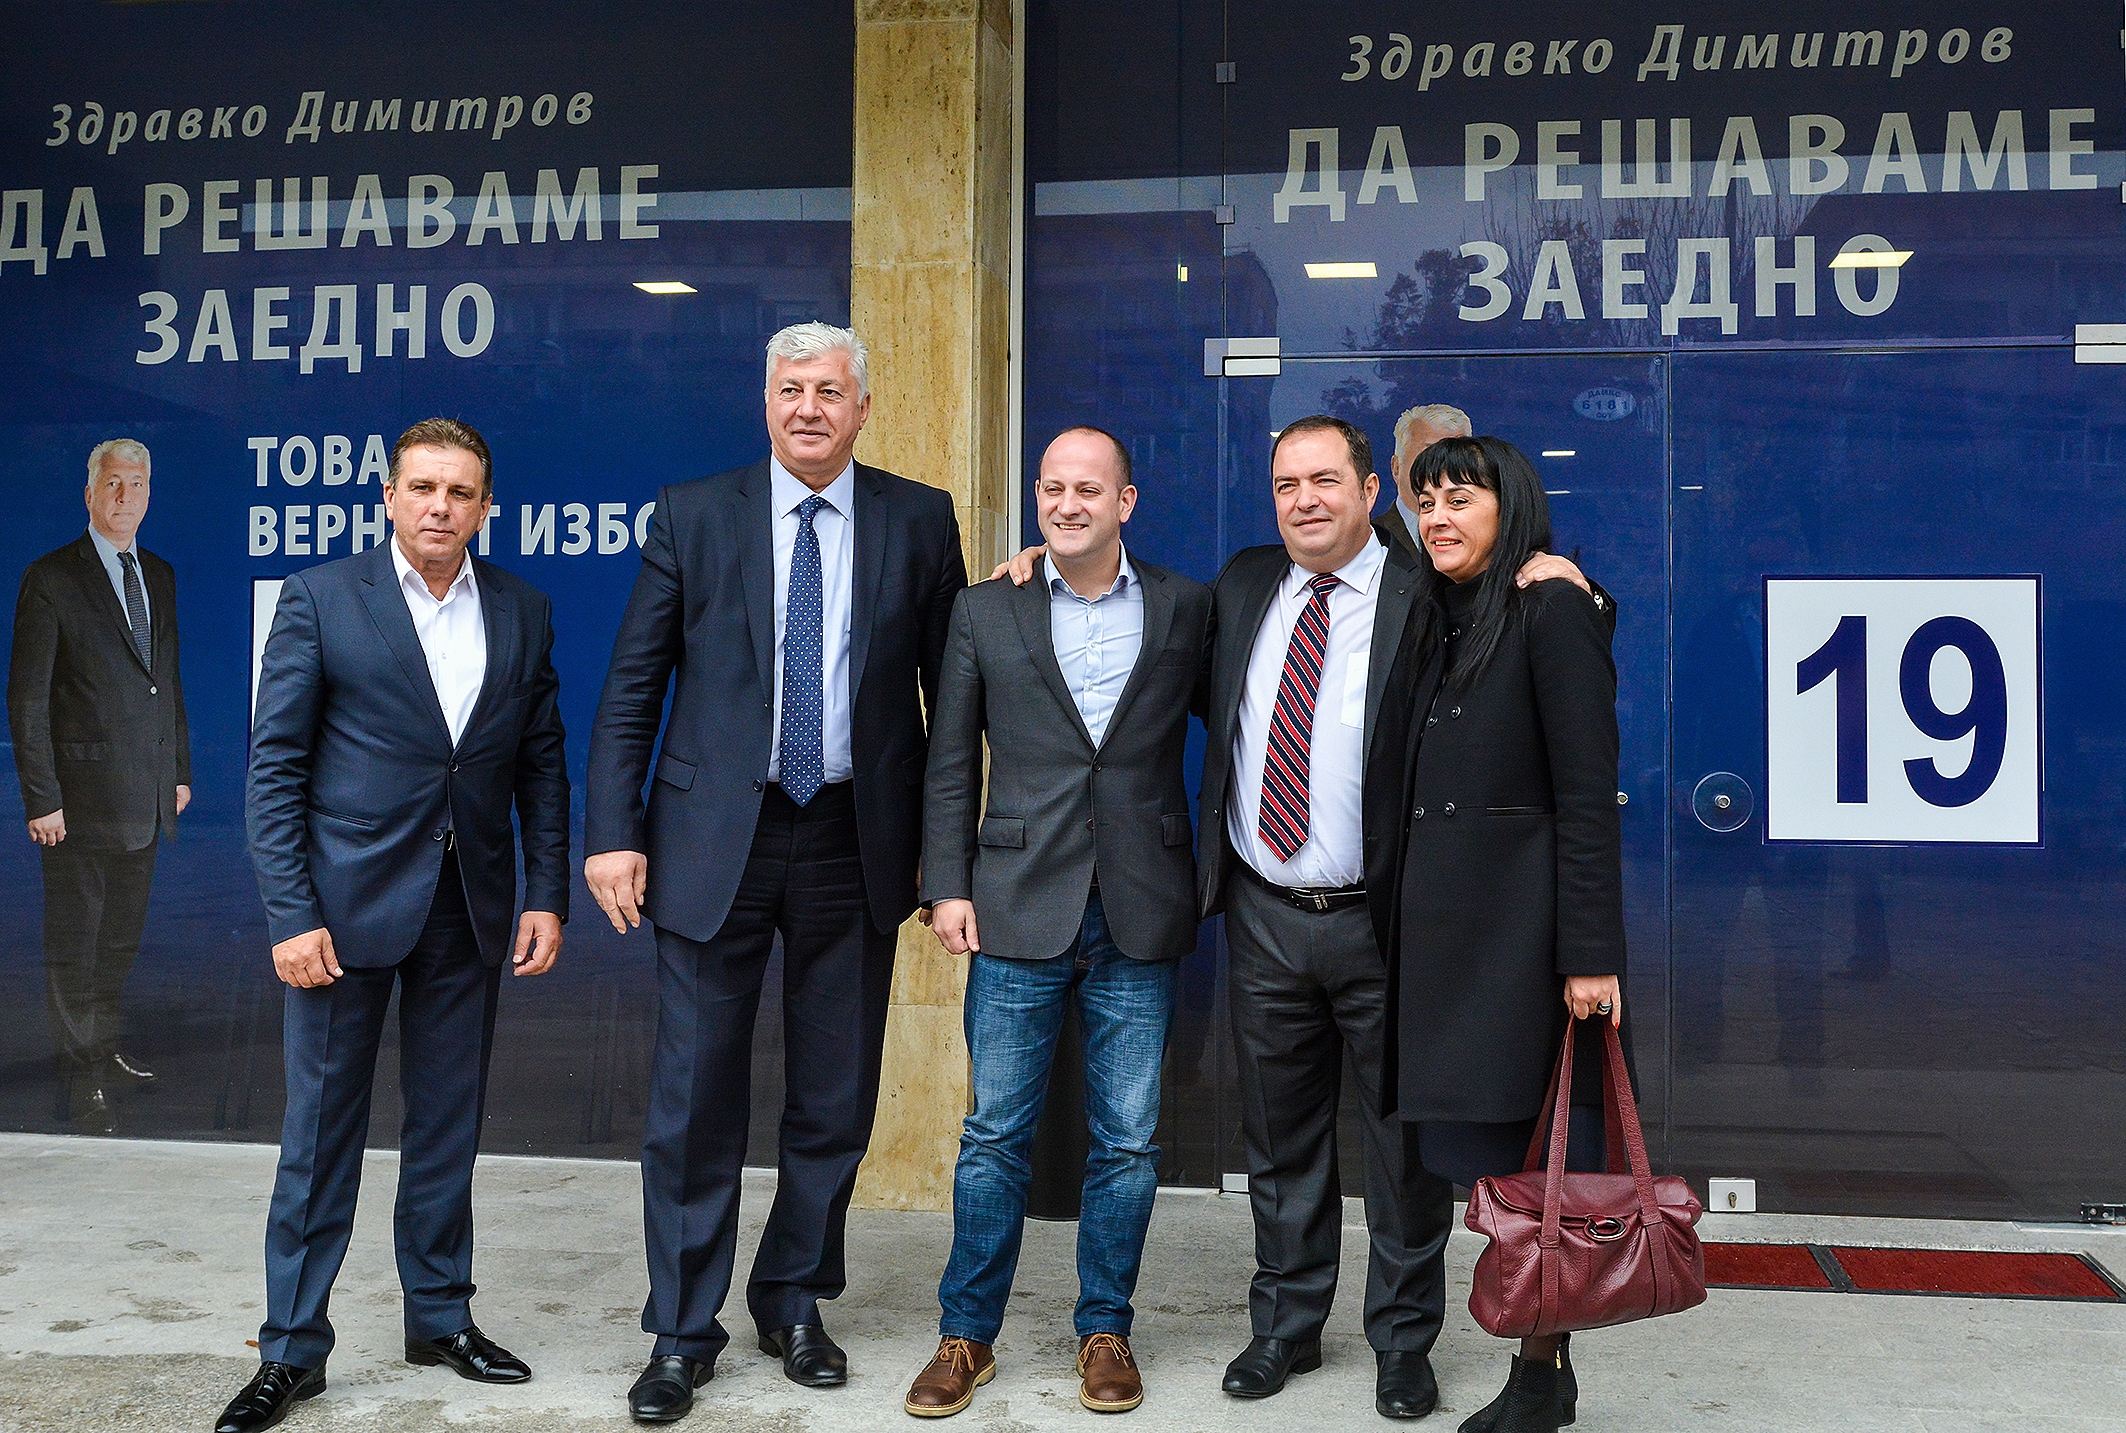 http://devedzhieva.com/wp-content/uploads/2015/10/koaliciata.jpg